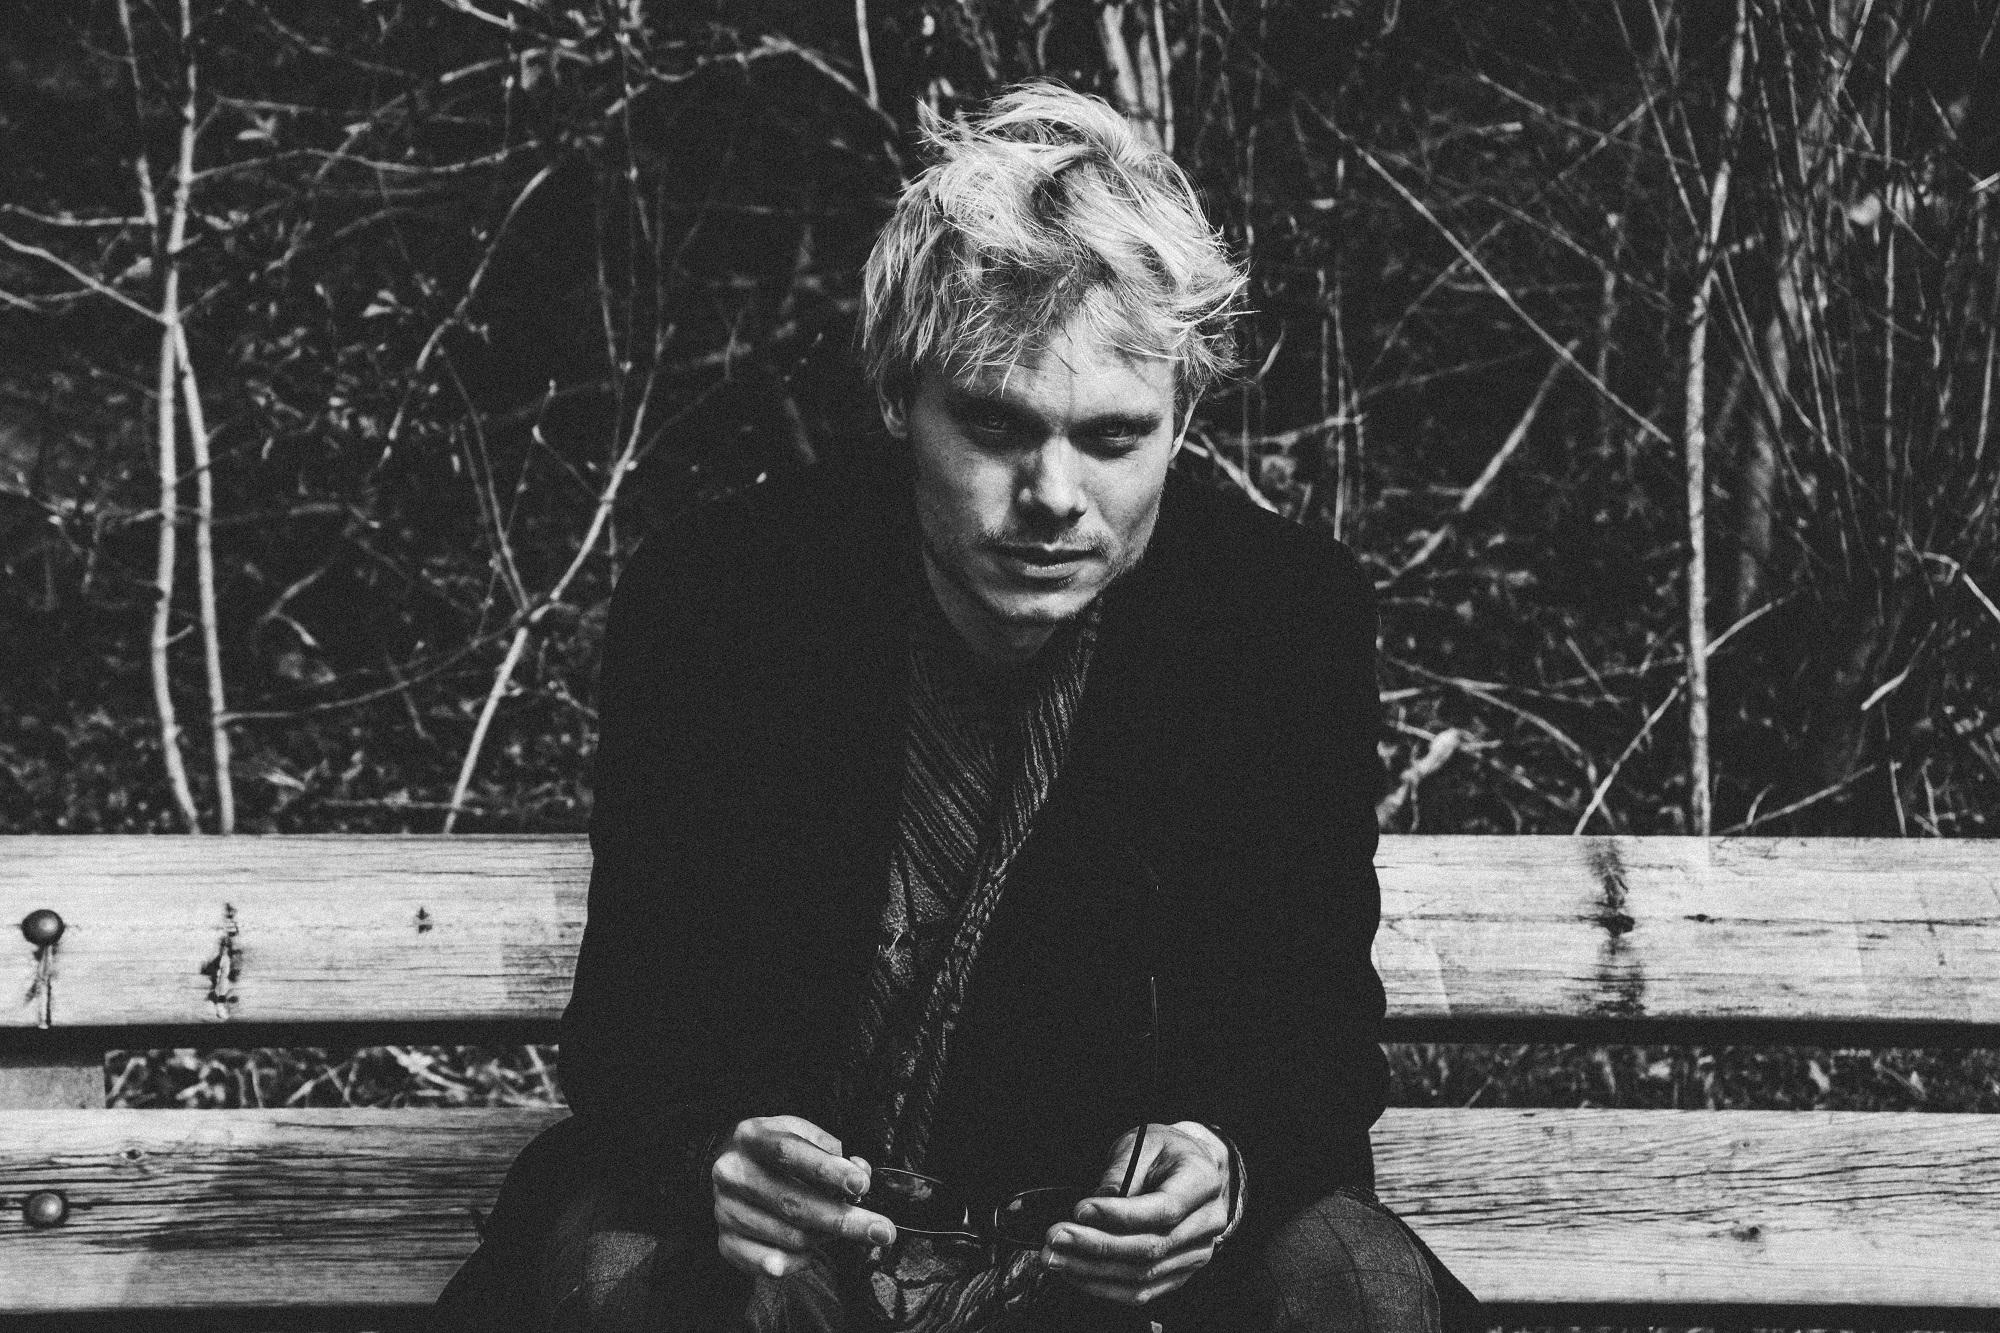 Vincent Corjanus sluit donkere periode af met nieuwe single